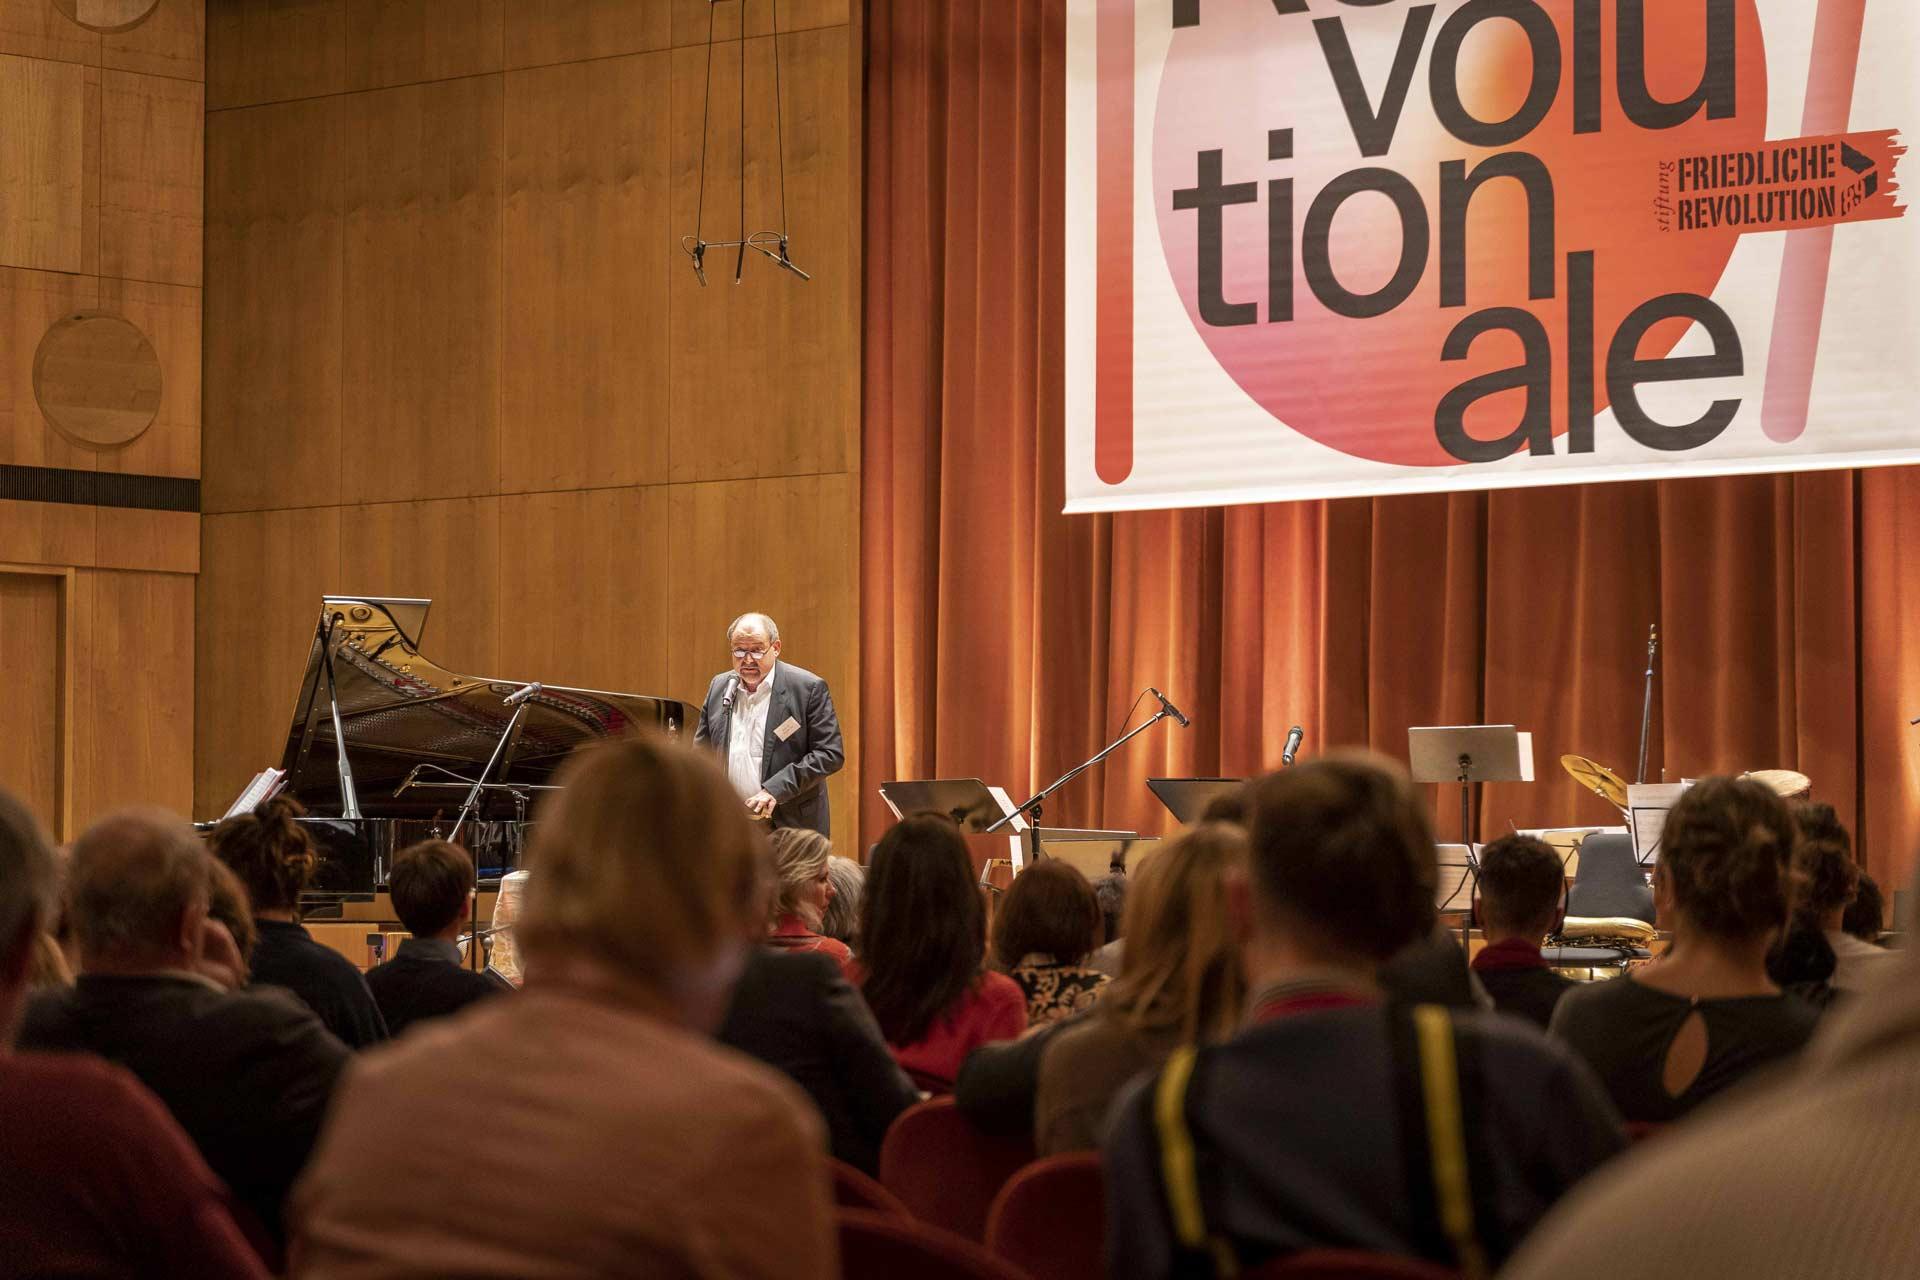 Revolutionale 2019 - Eröffnung im Gewandhaus - Foto: Roland Quester